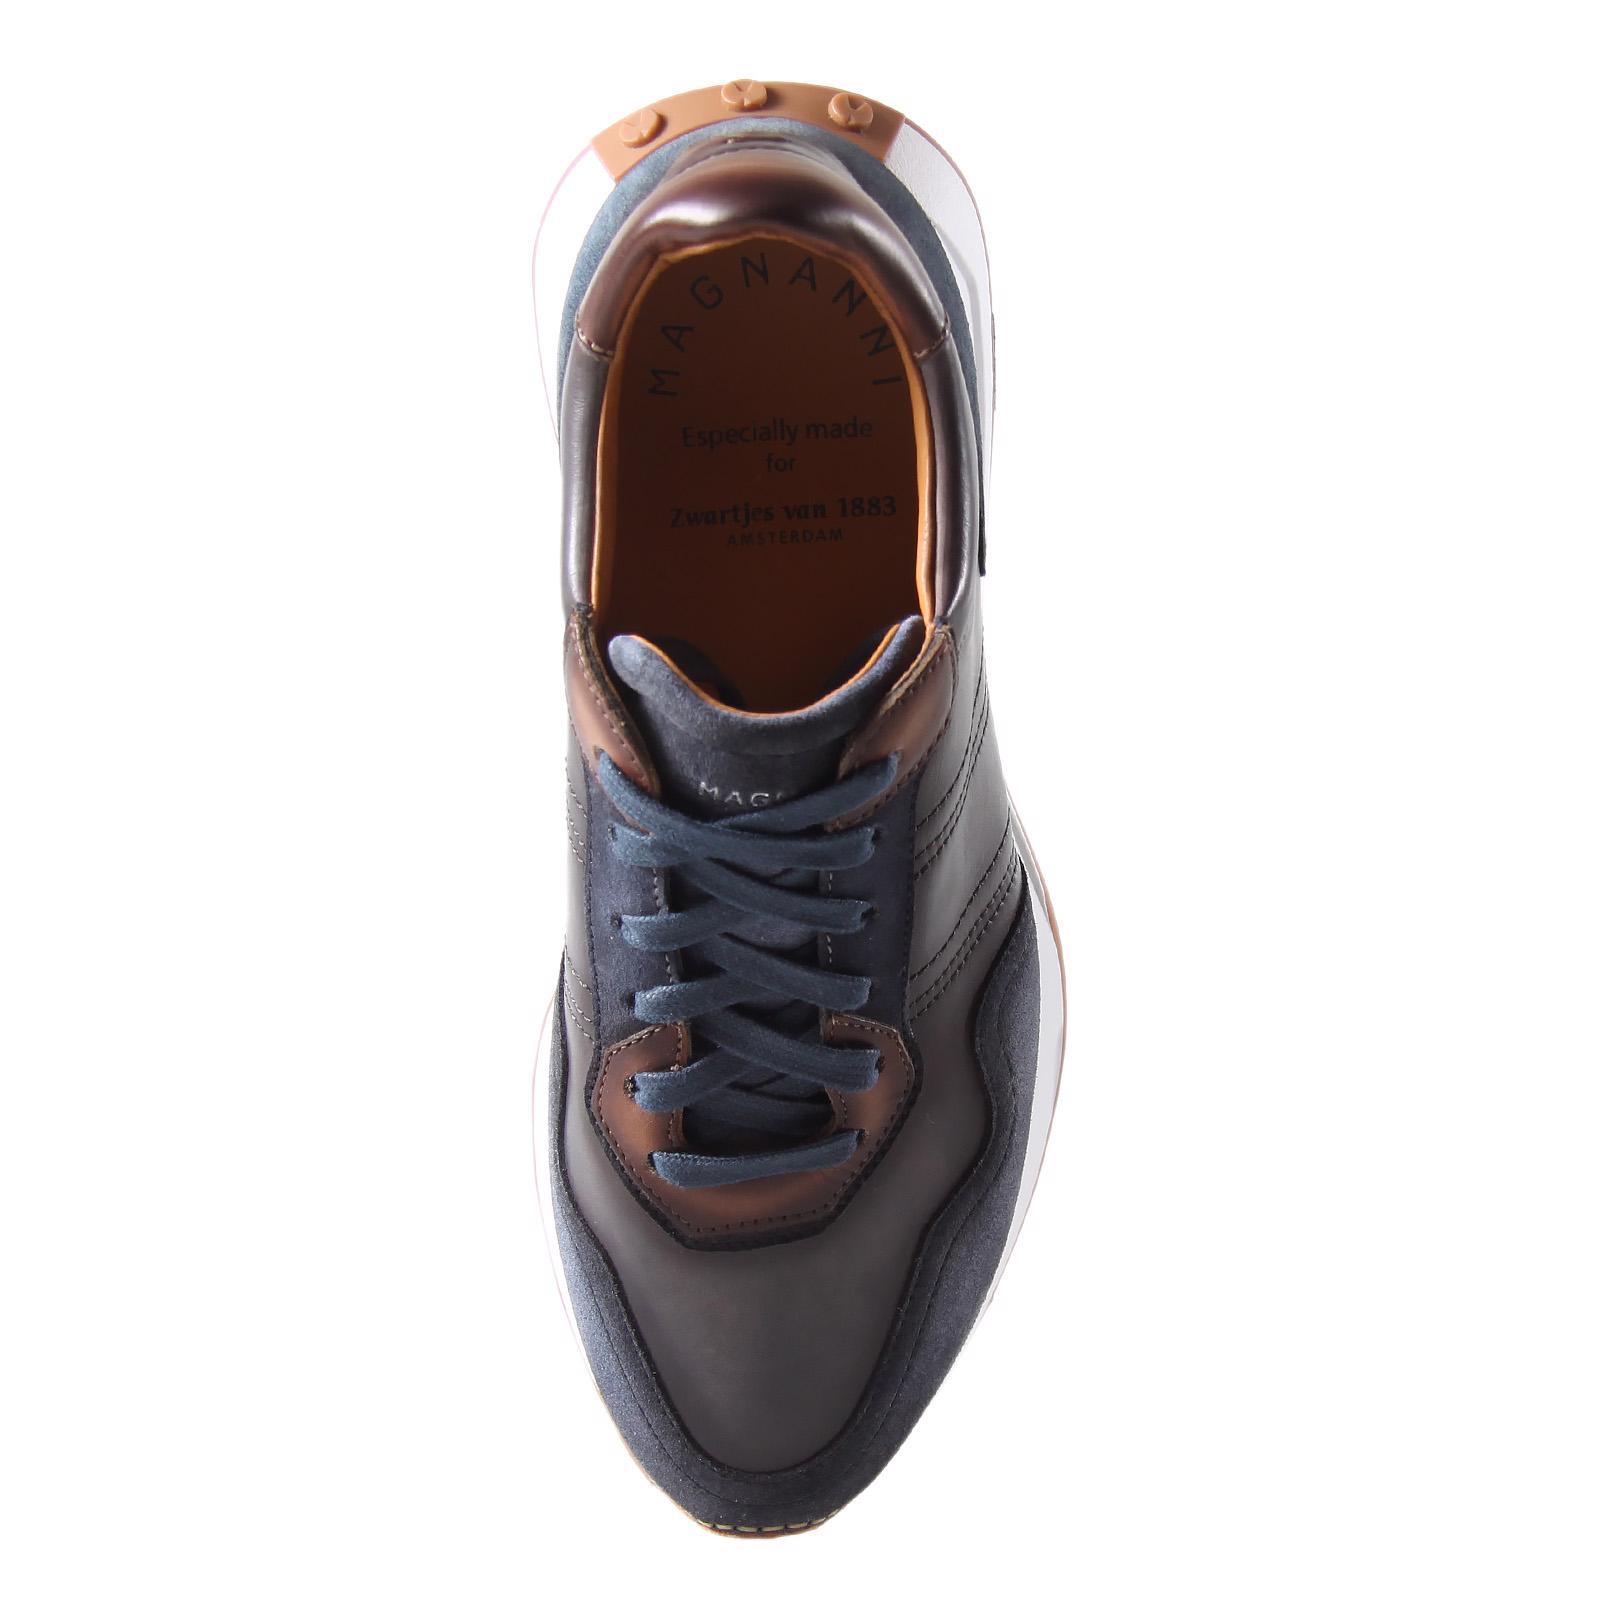 Chaussures Église Bleu Marine Taille 40 Pour Les Femmes yHhTIUW2v